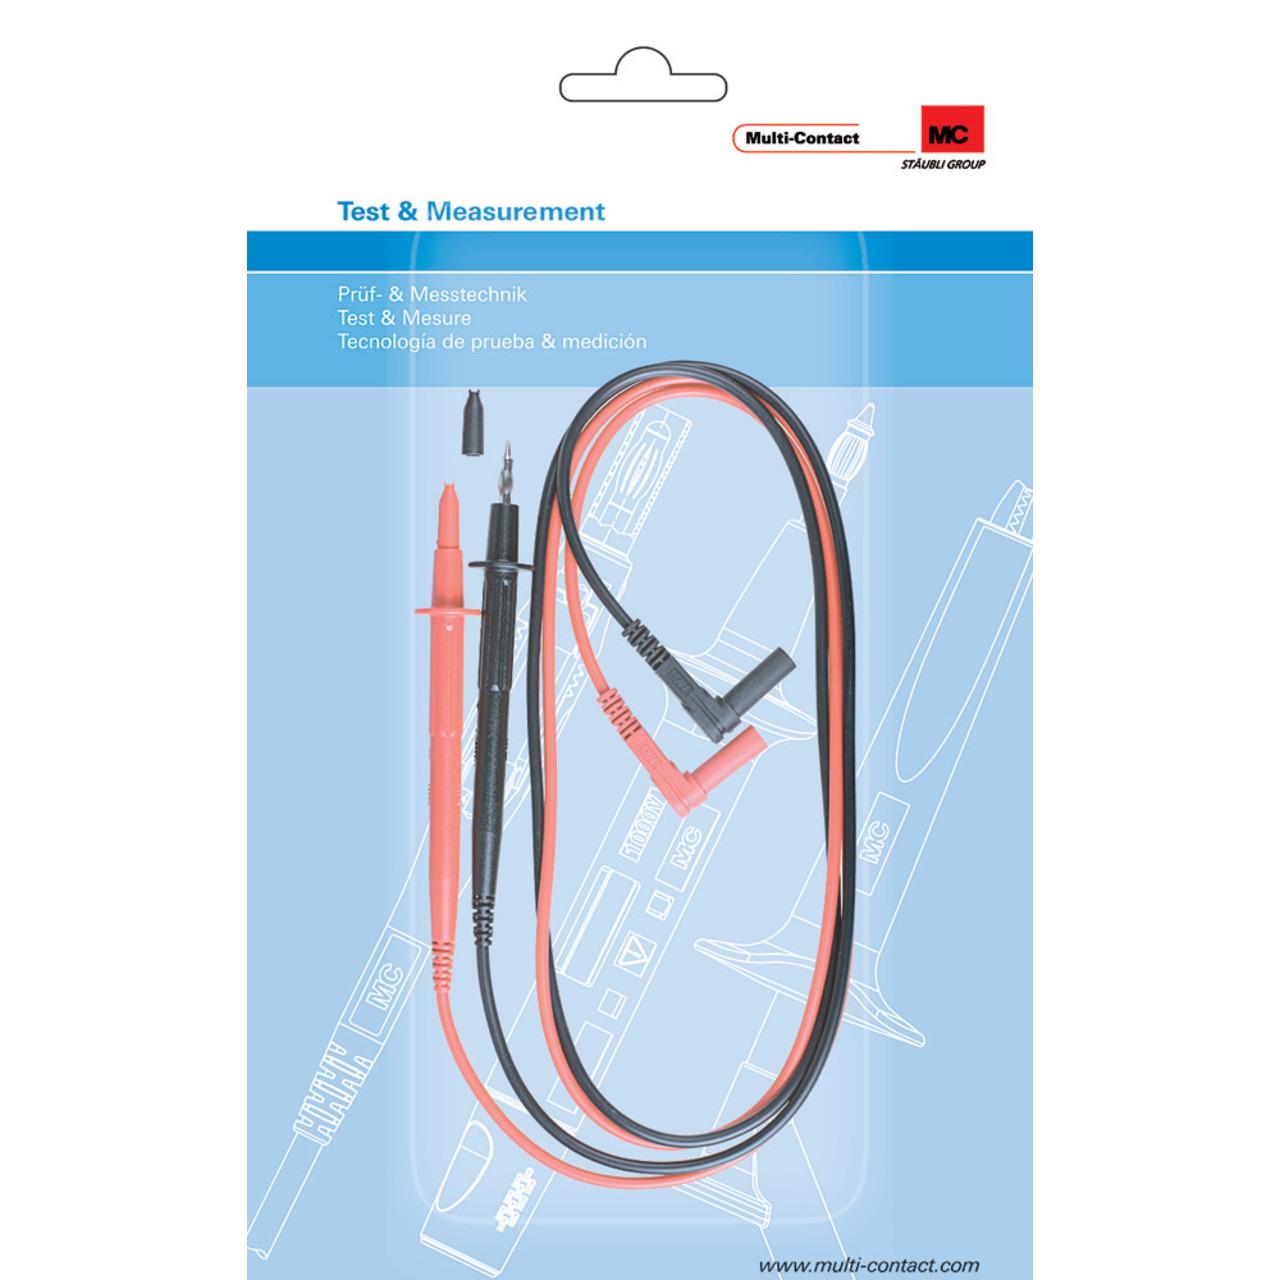 Multi-Contact Sicherheits-Messleitungen mit Prüfspitzen E4S-140- 4 mm- 1 m- schwarz/rot